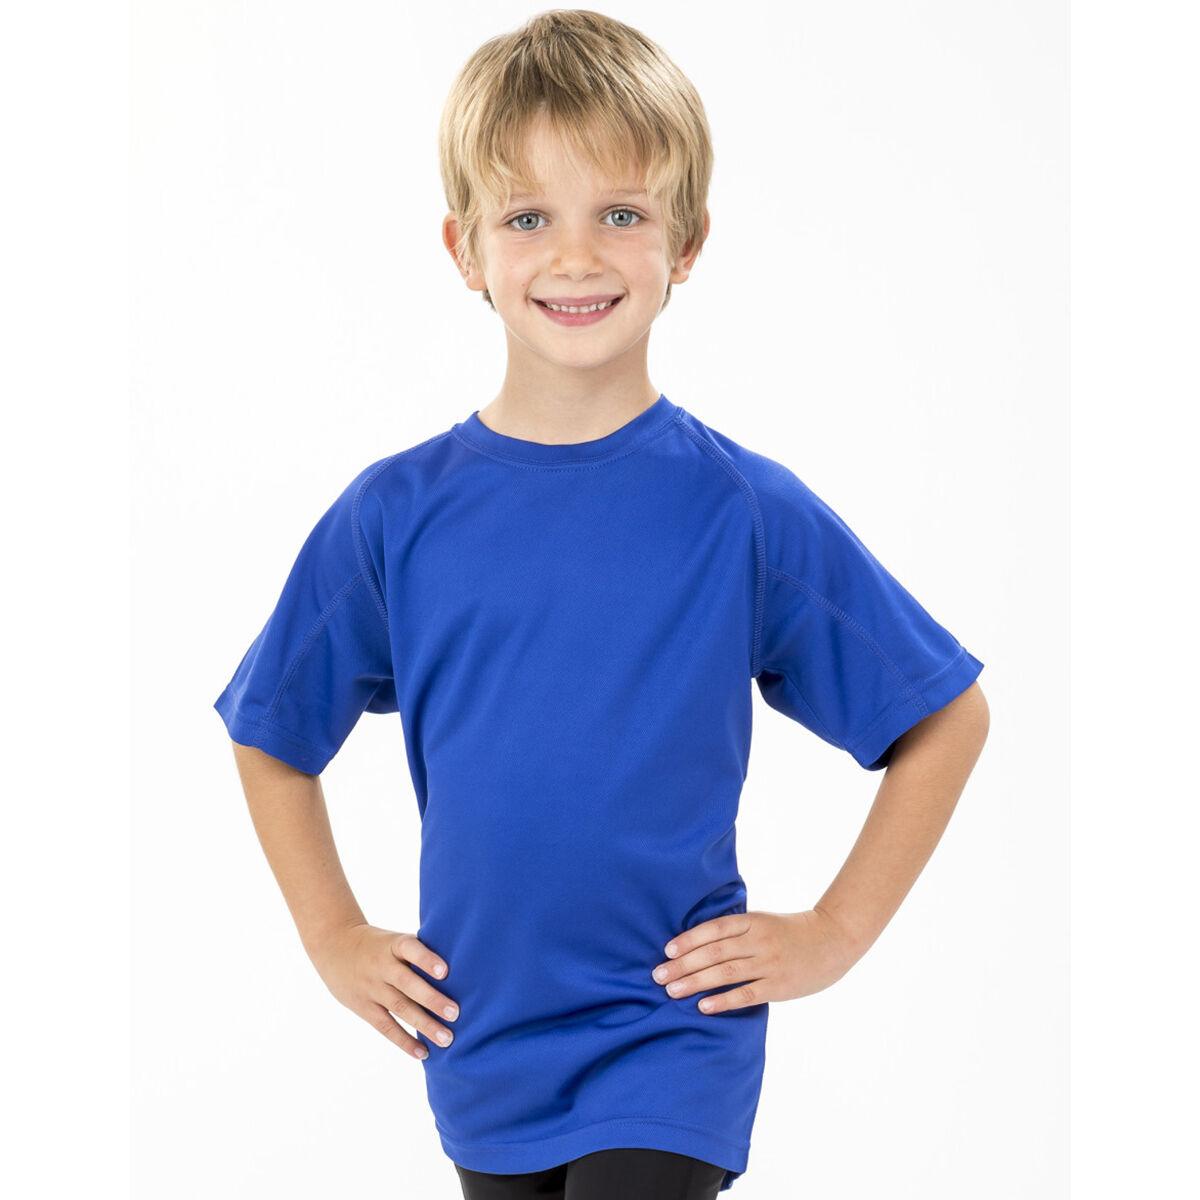 Spiro Junior Performance T- Shirt